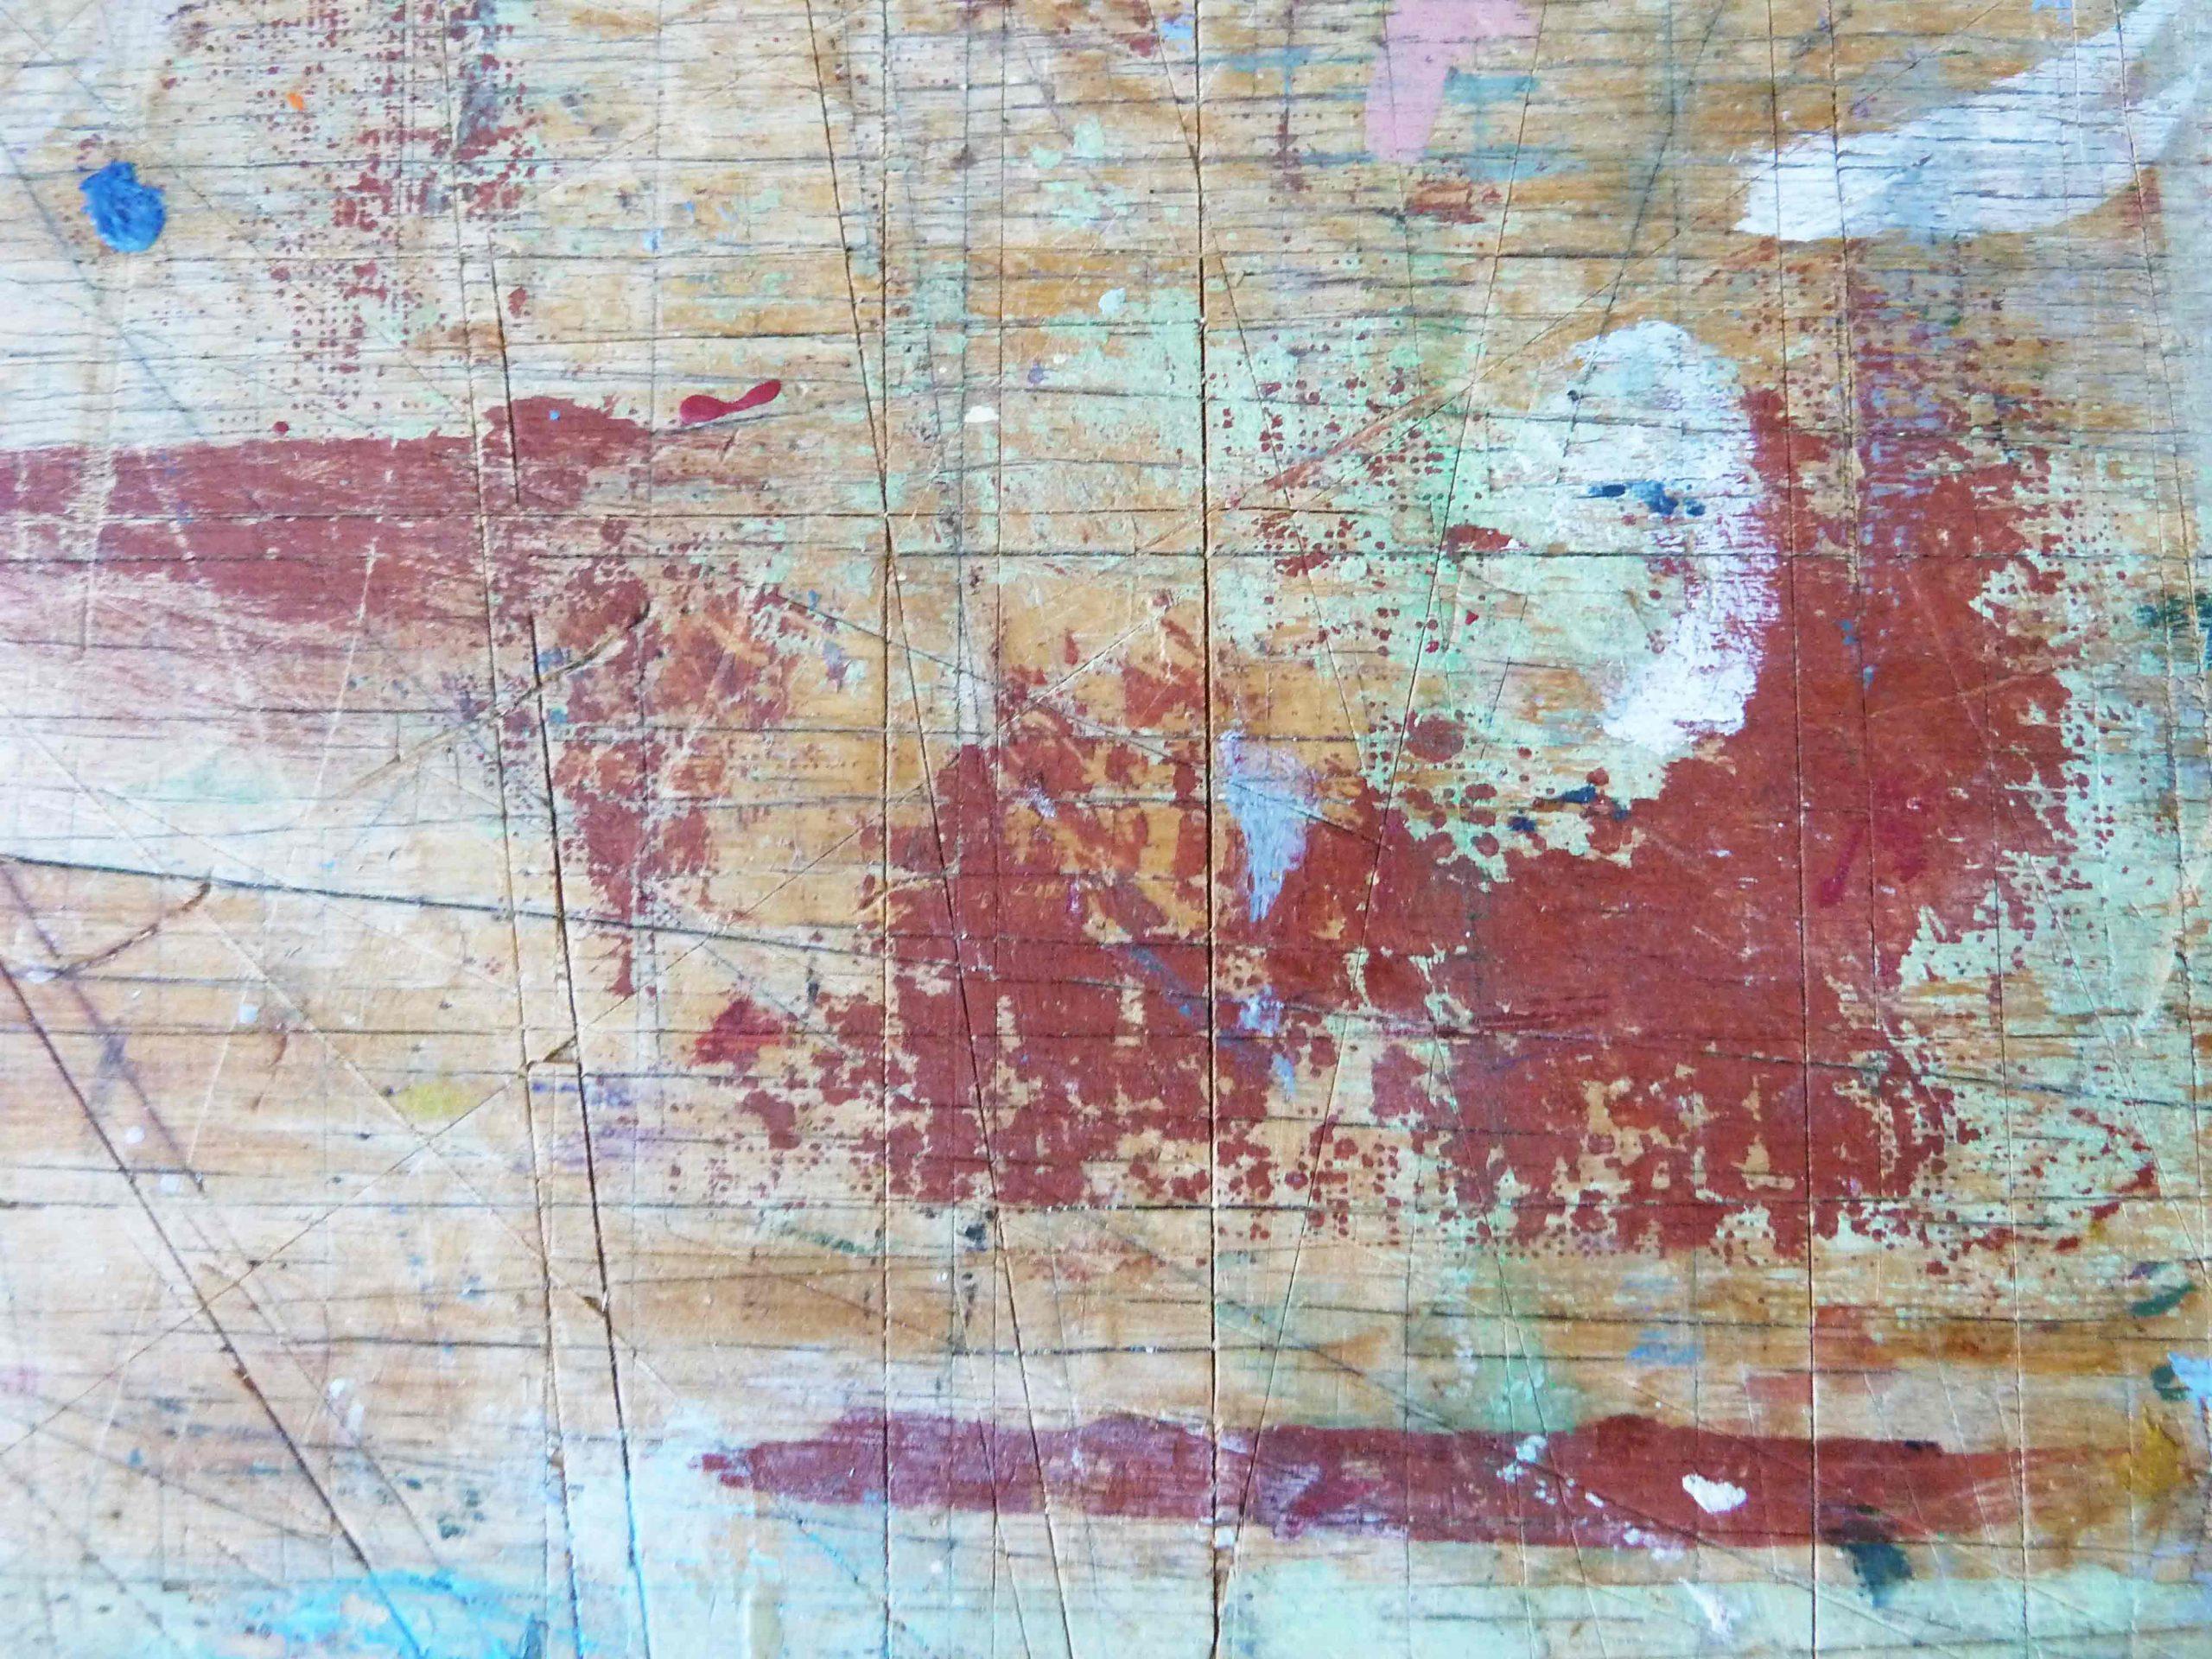 Ein Traum vom Sauraum Arbeitstisch im Atelier, Tischoberfläche mit roten Farbflecken